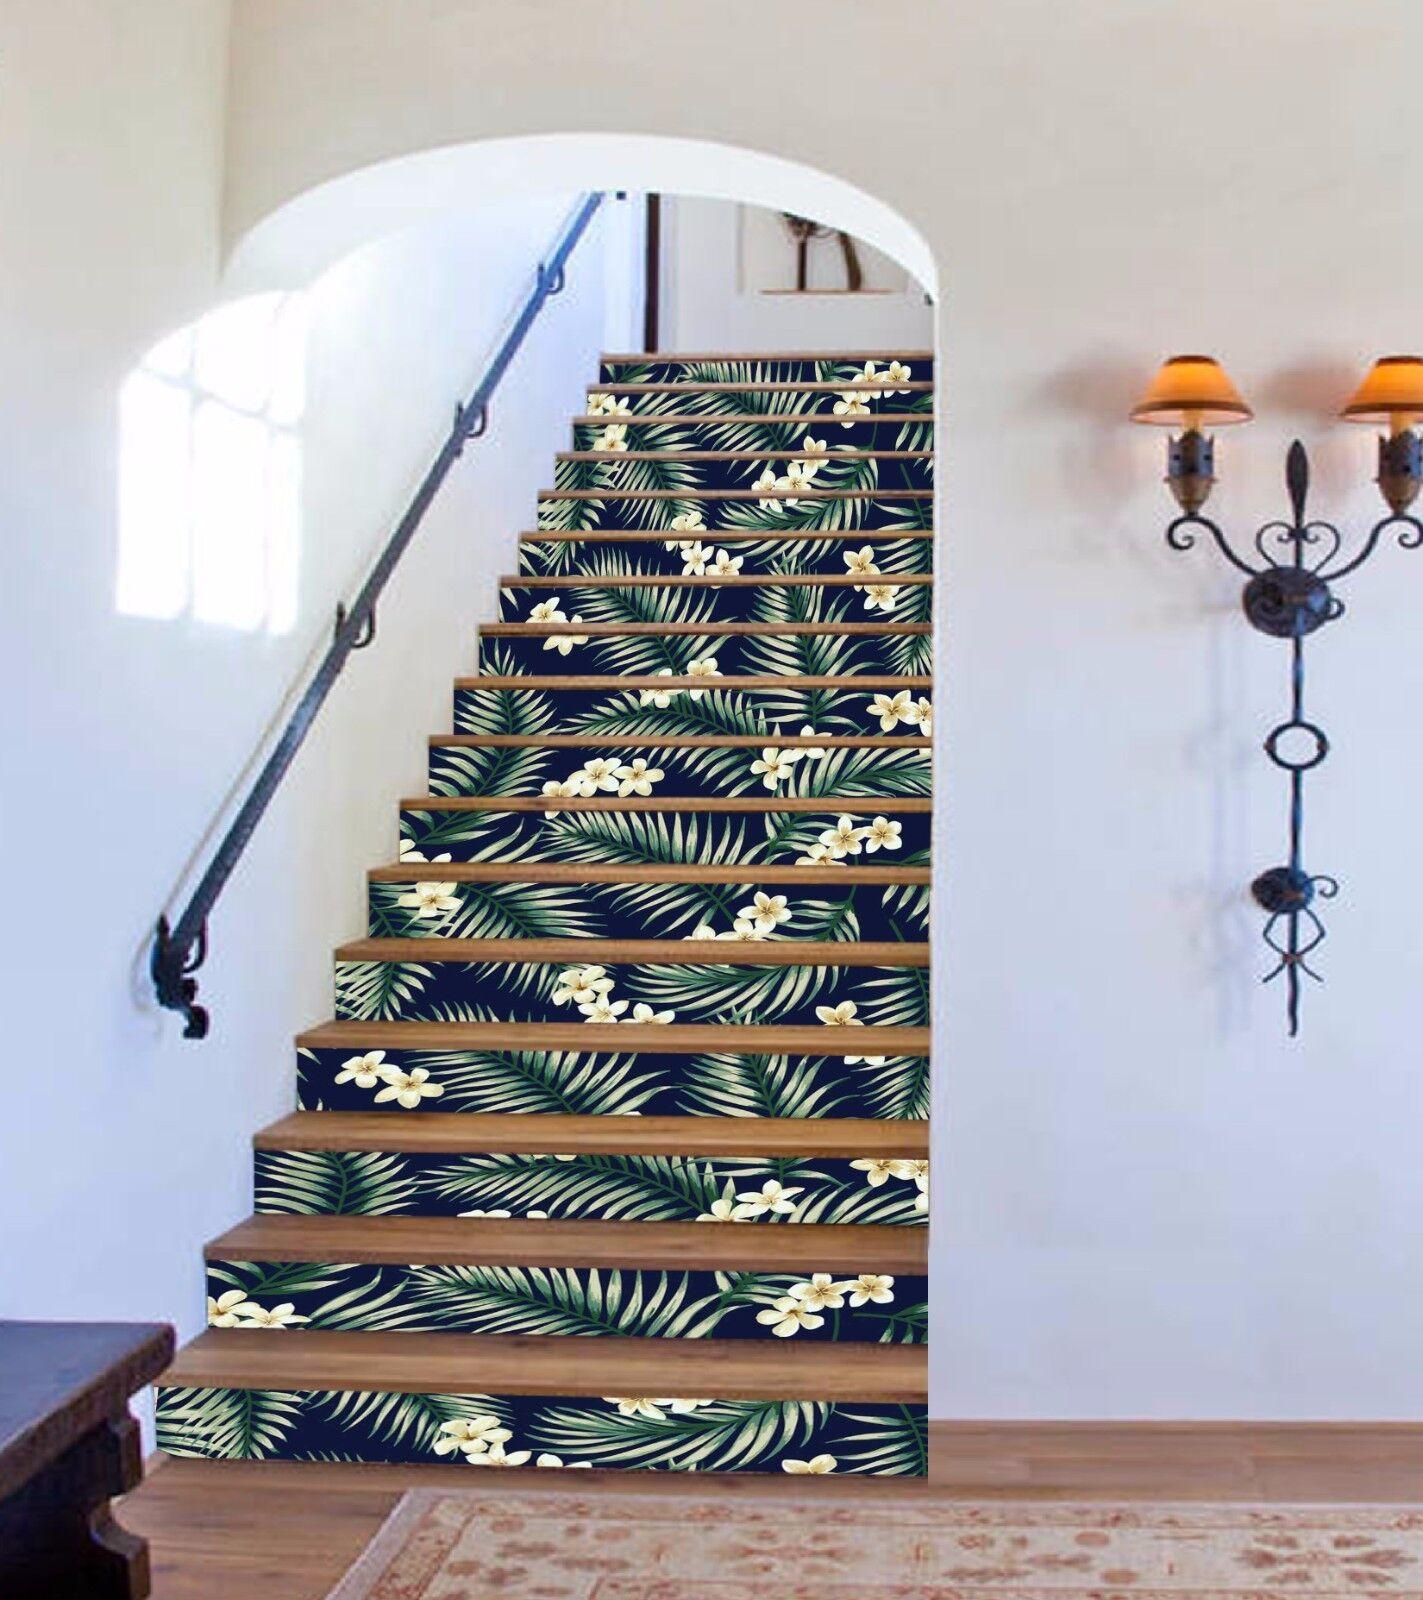 3D Blume Blatt 9313 Stair Risers Dekoration Fototapete Vinyl Aufkleber Tapete DE